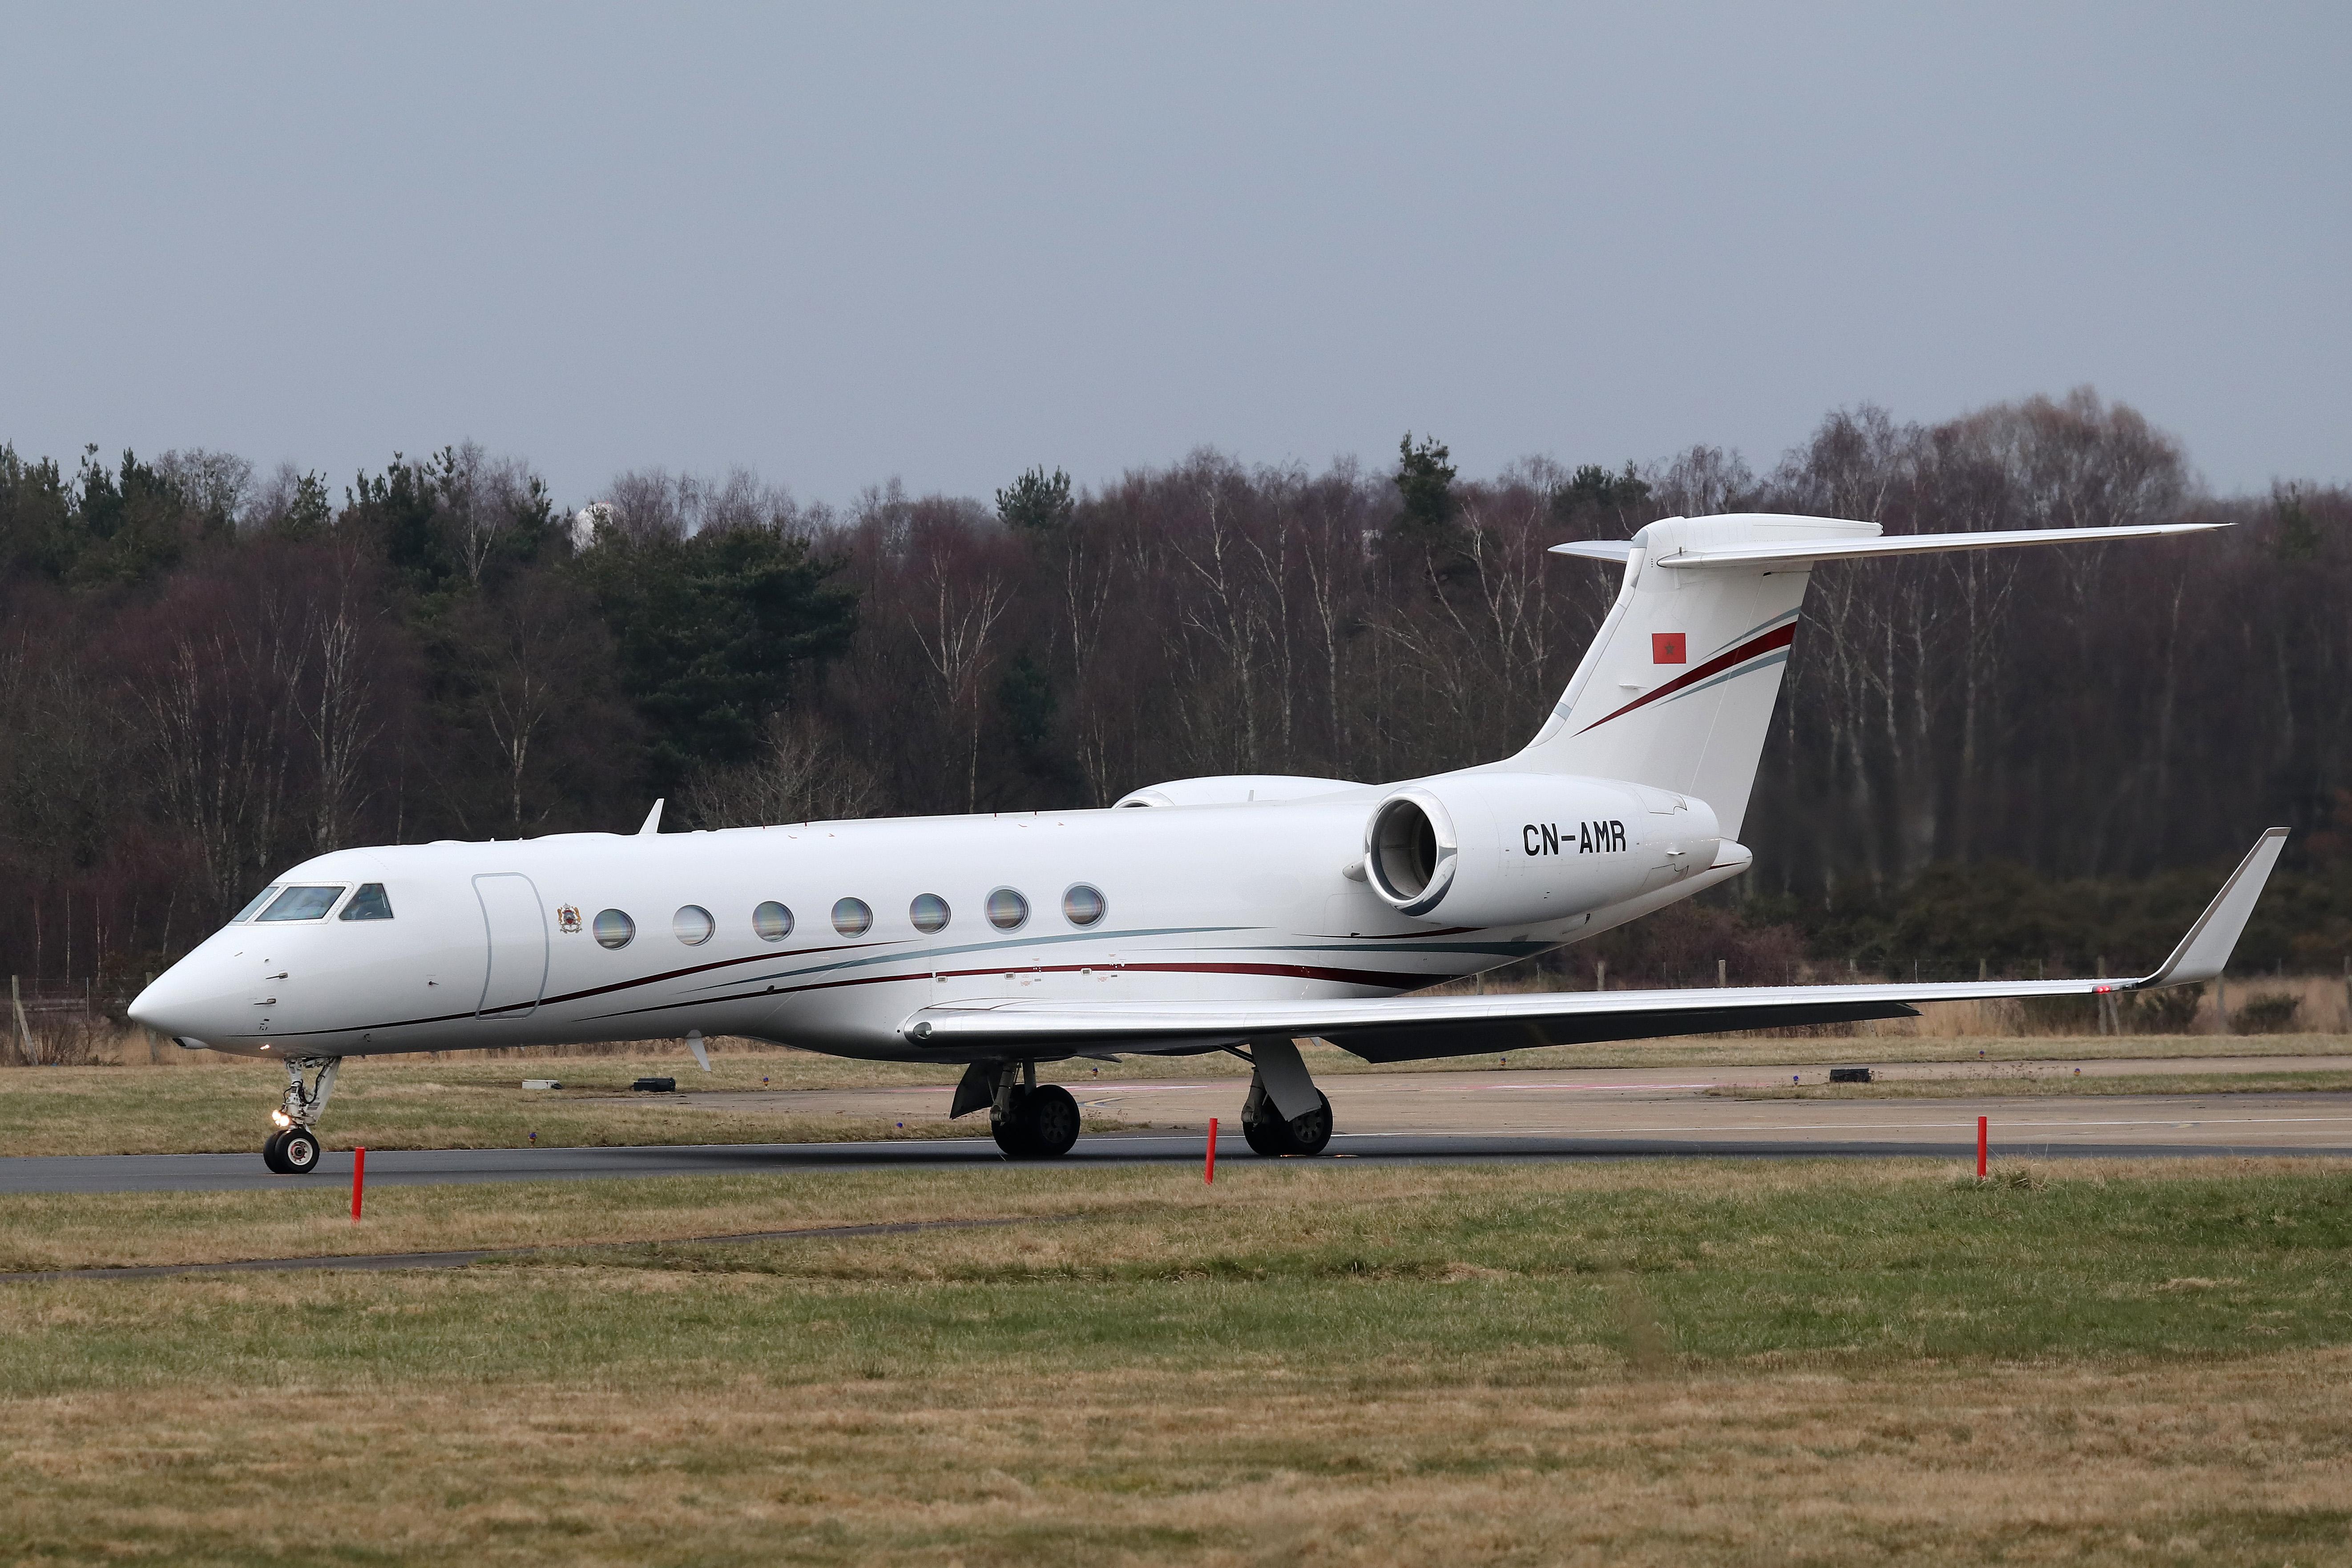 FRA: Avions VIP, Liaison & ECM - Page 19 39947434084_802486968c_o